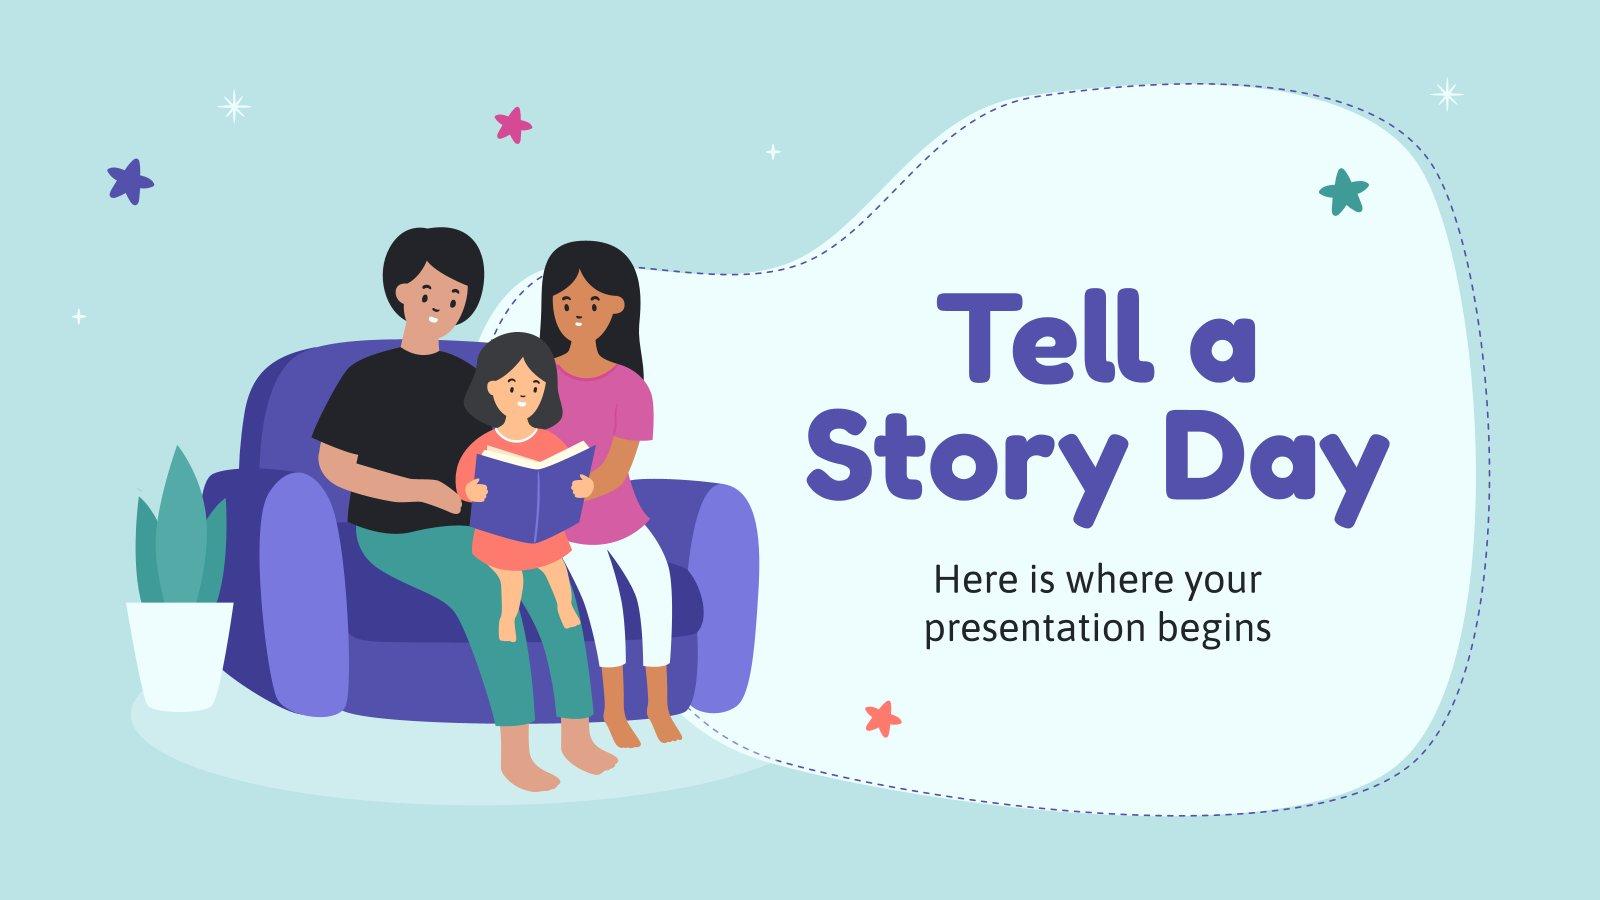 Plantilla de presentación Día de Contar Historias